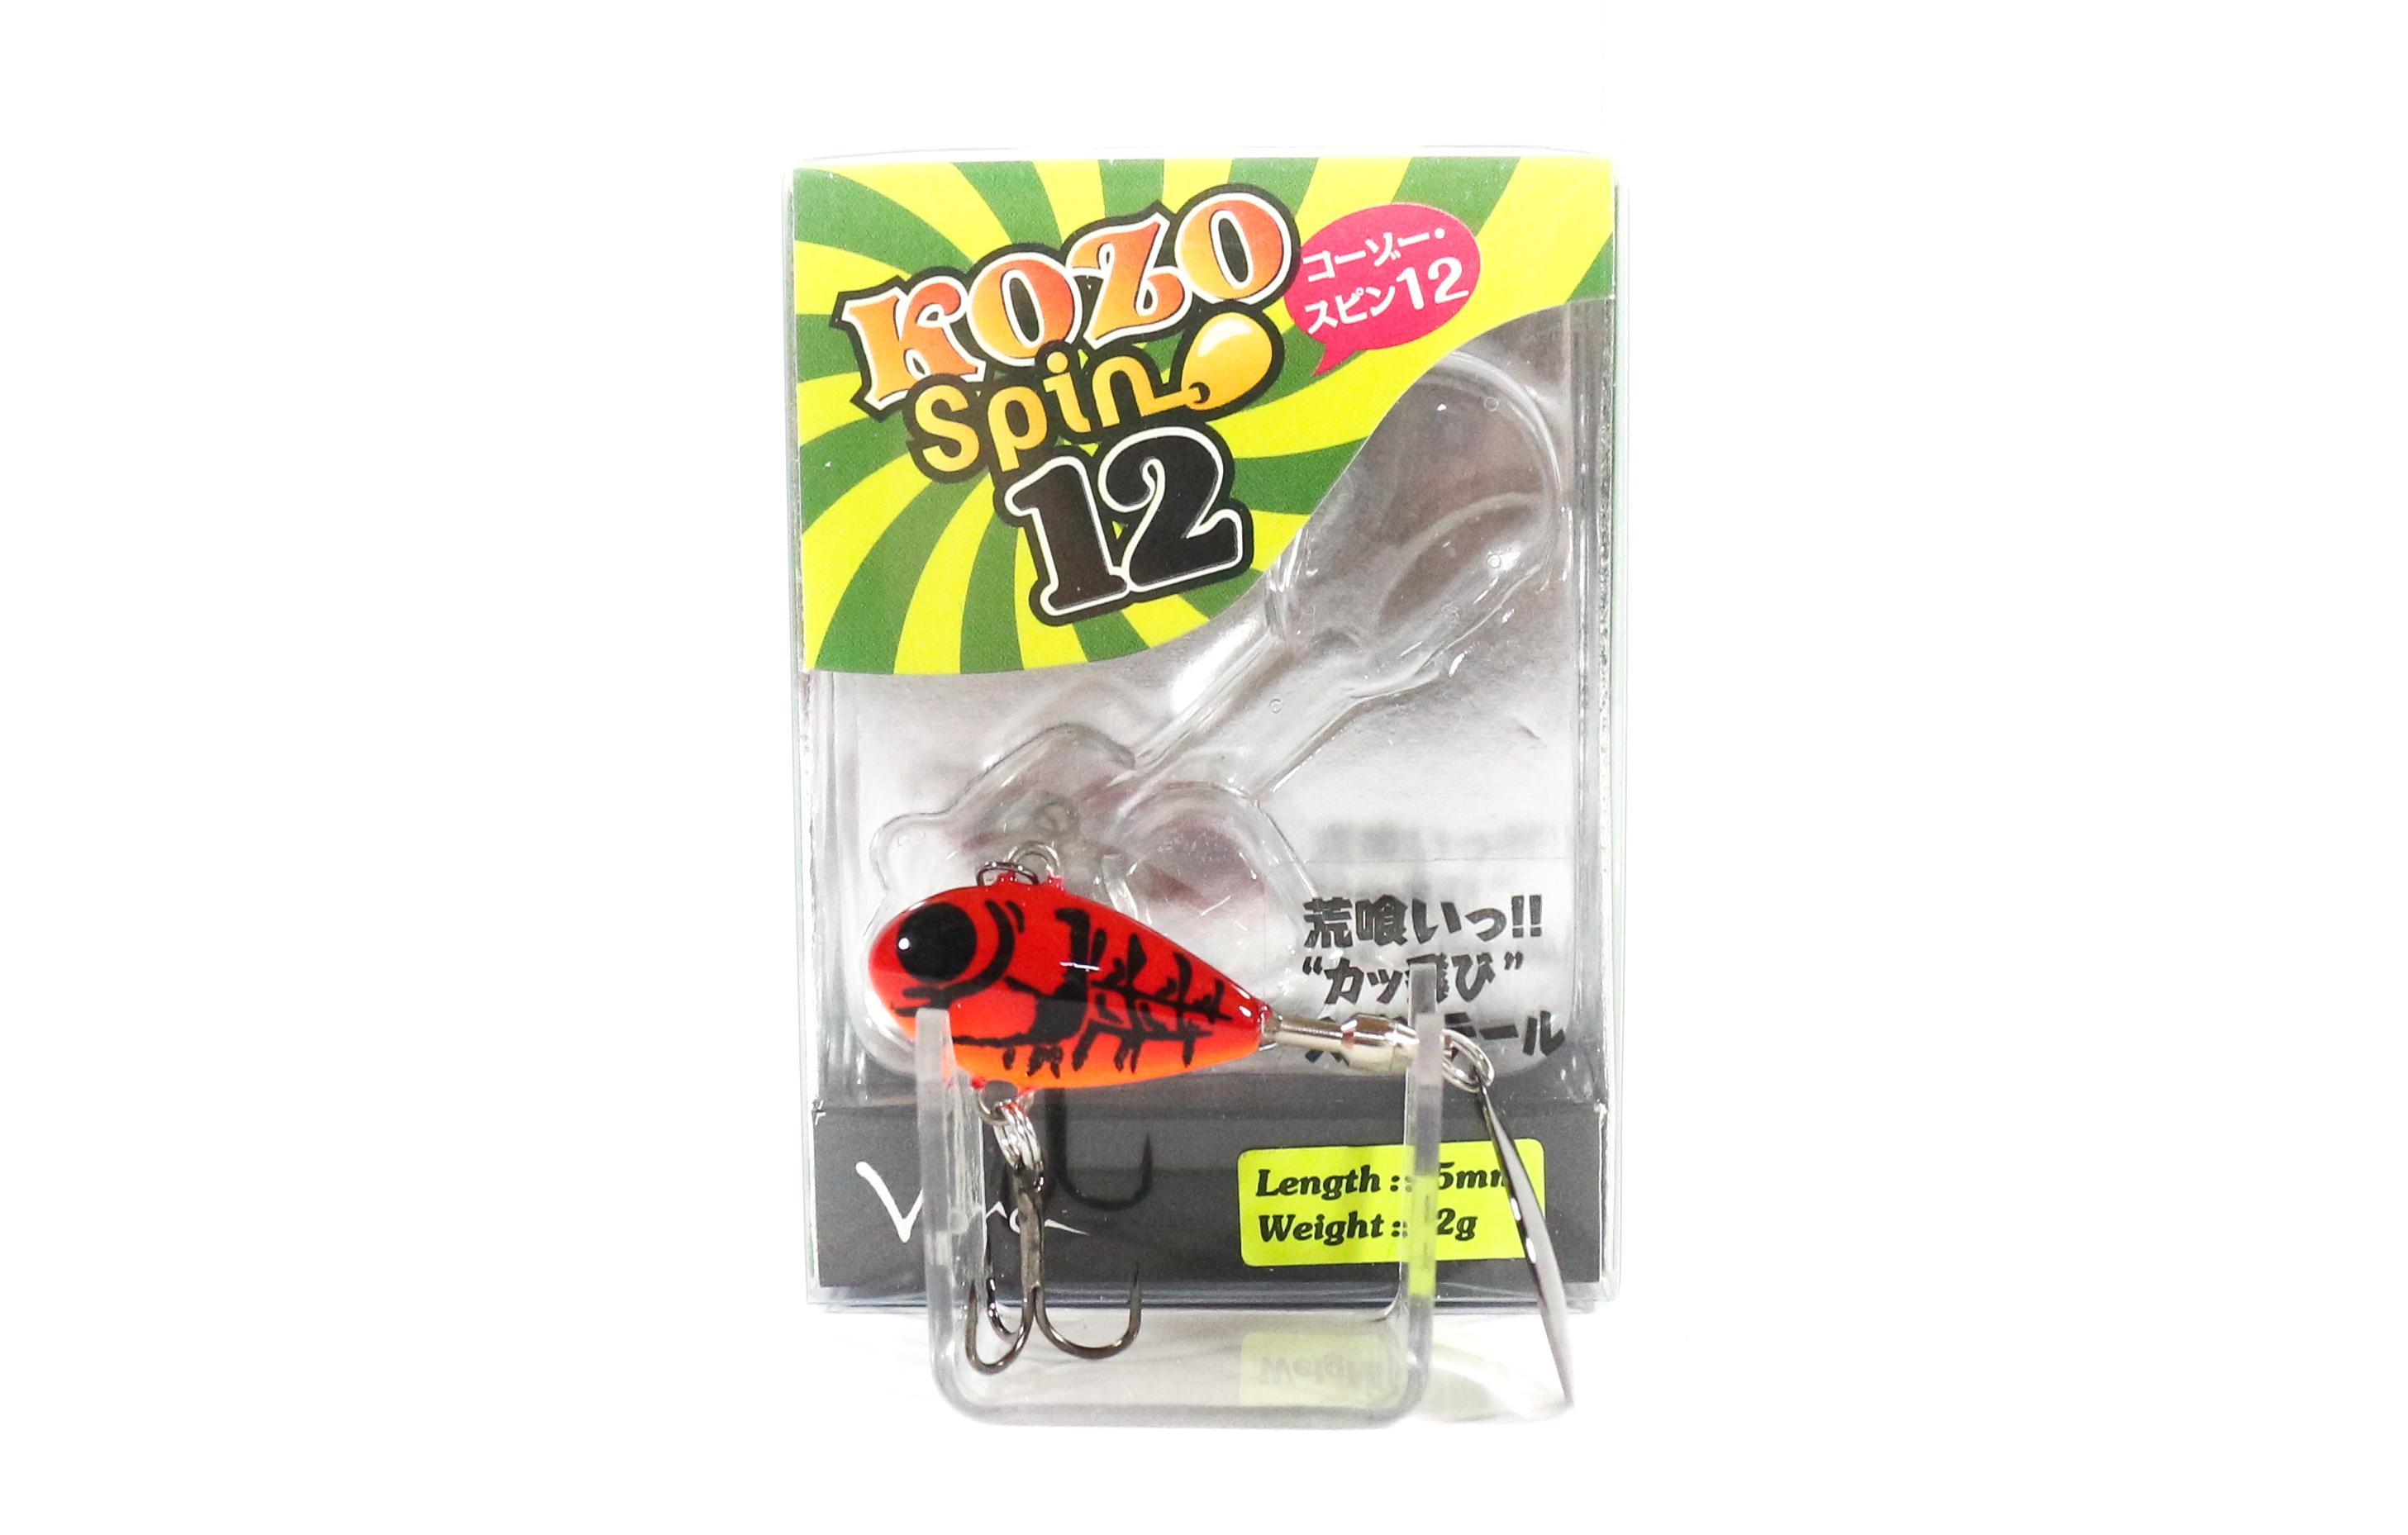 Viva Kozo Spin 12 grams Spinner Bait Lure 141 (7557)